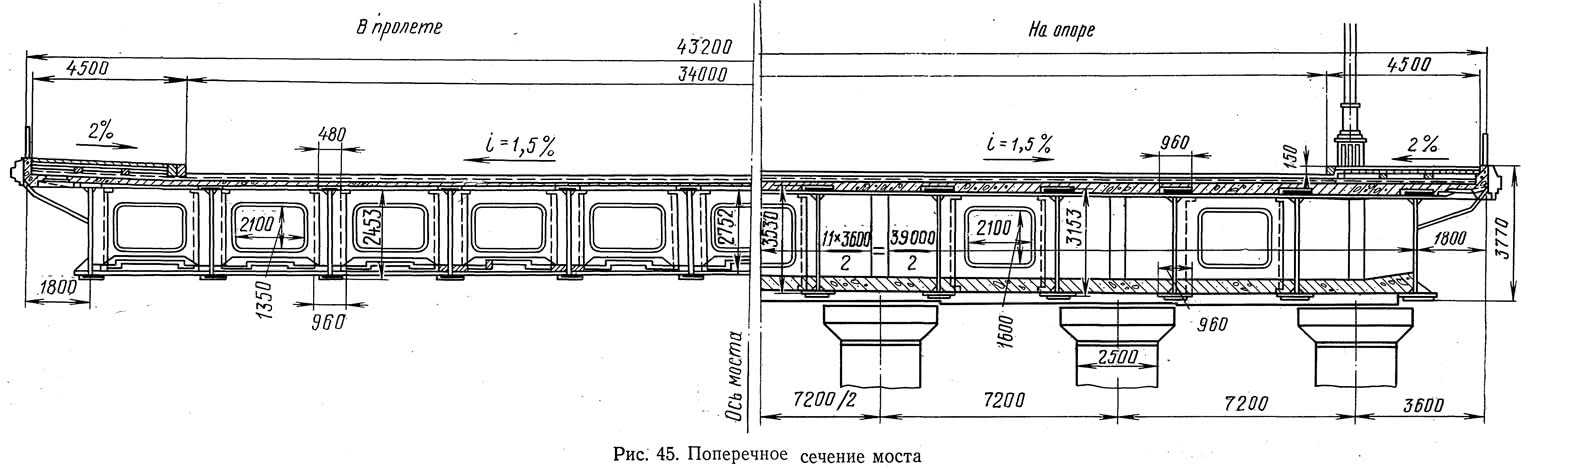 Рис. 45. Поперечное сечение моста